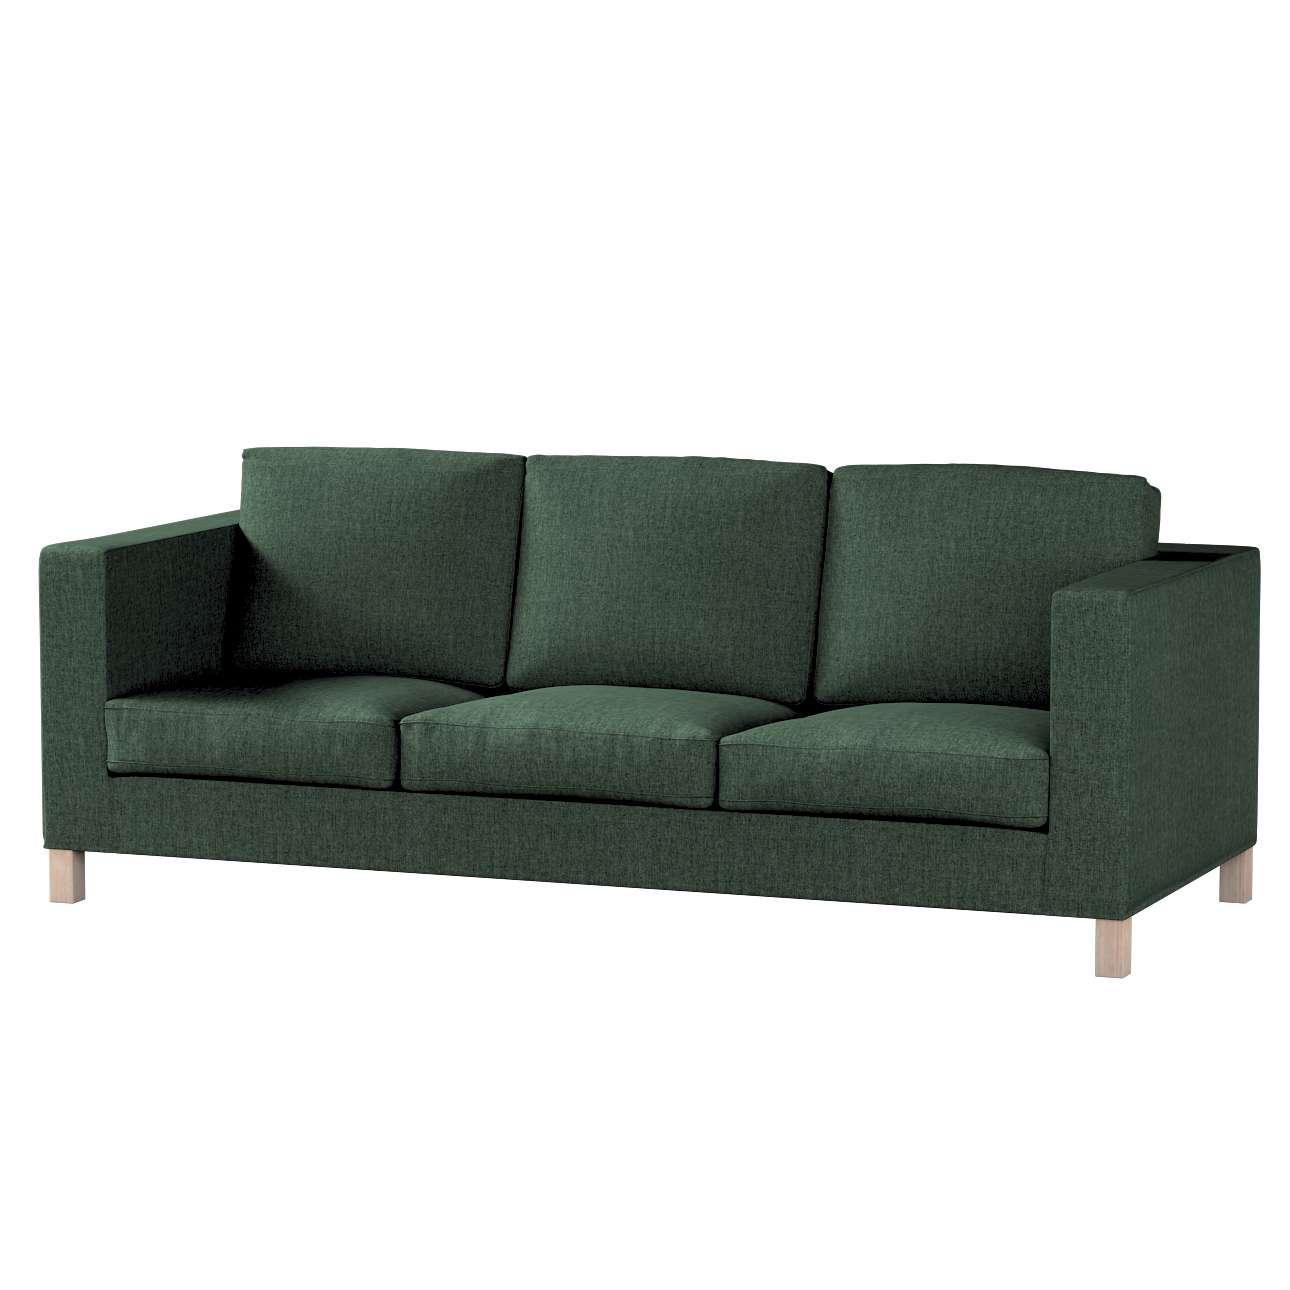 Pokrowiec na sofę Karlanda 3-osobową nierozkładaną, krótki w kolekcji City, tkanina: 704-81